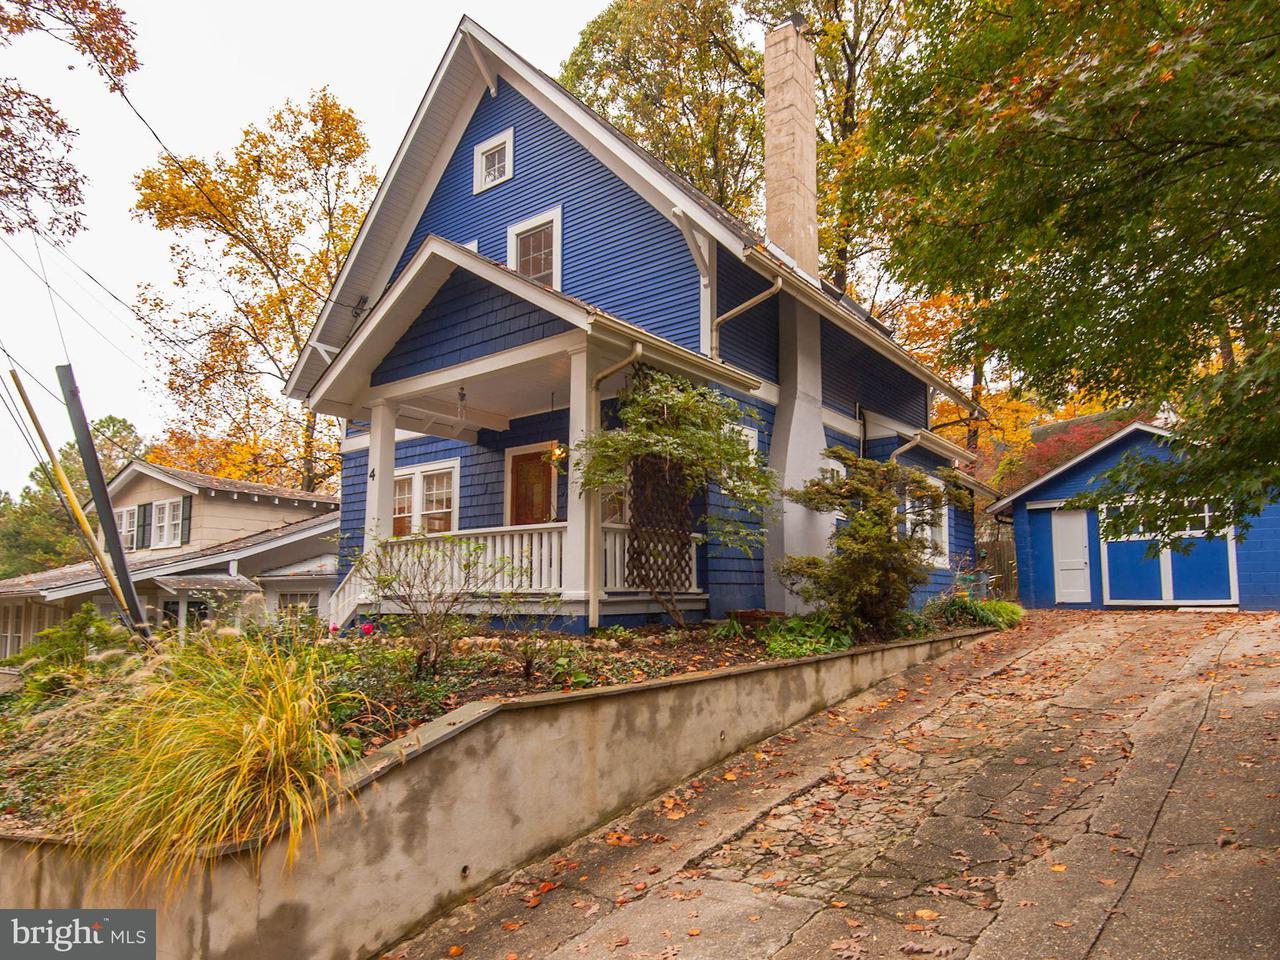 Maison unifamiliale pour l Vente à 4 VALLEY VIEW Avenue 4 VALLEY VIEW Avenue Takoma Park, Maryland 20912 États-Unis